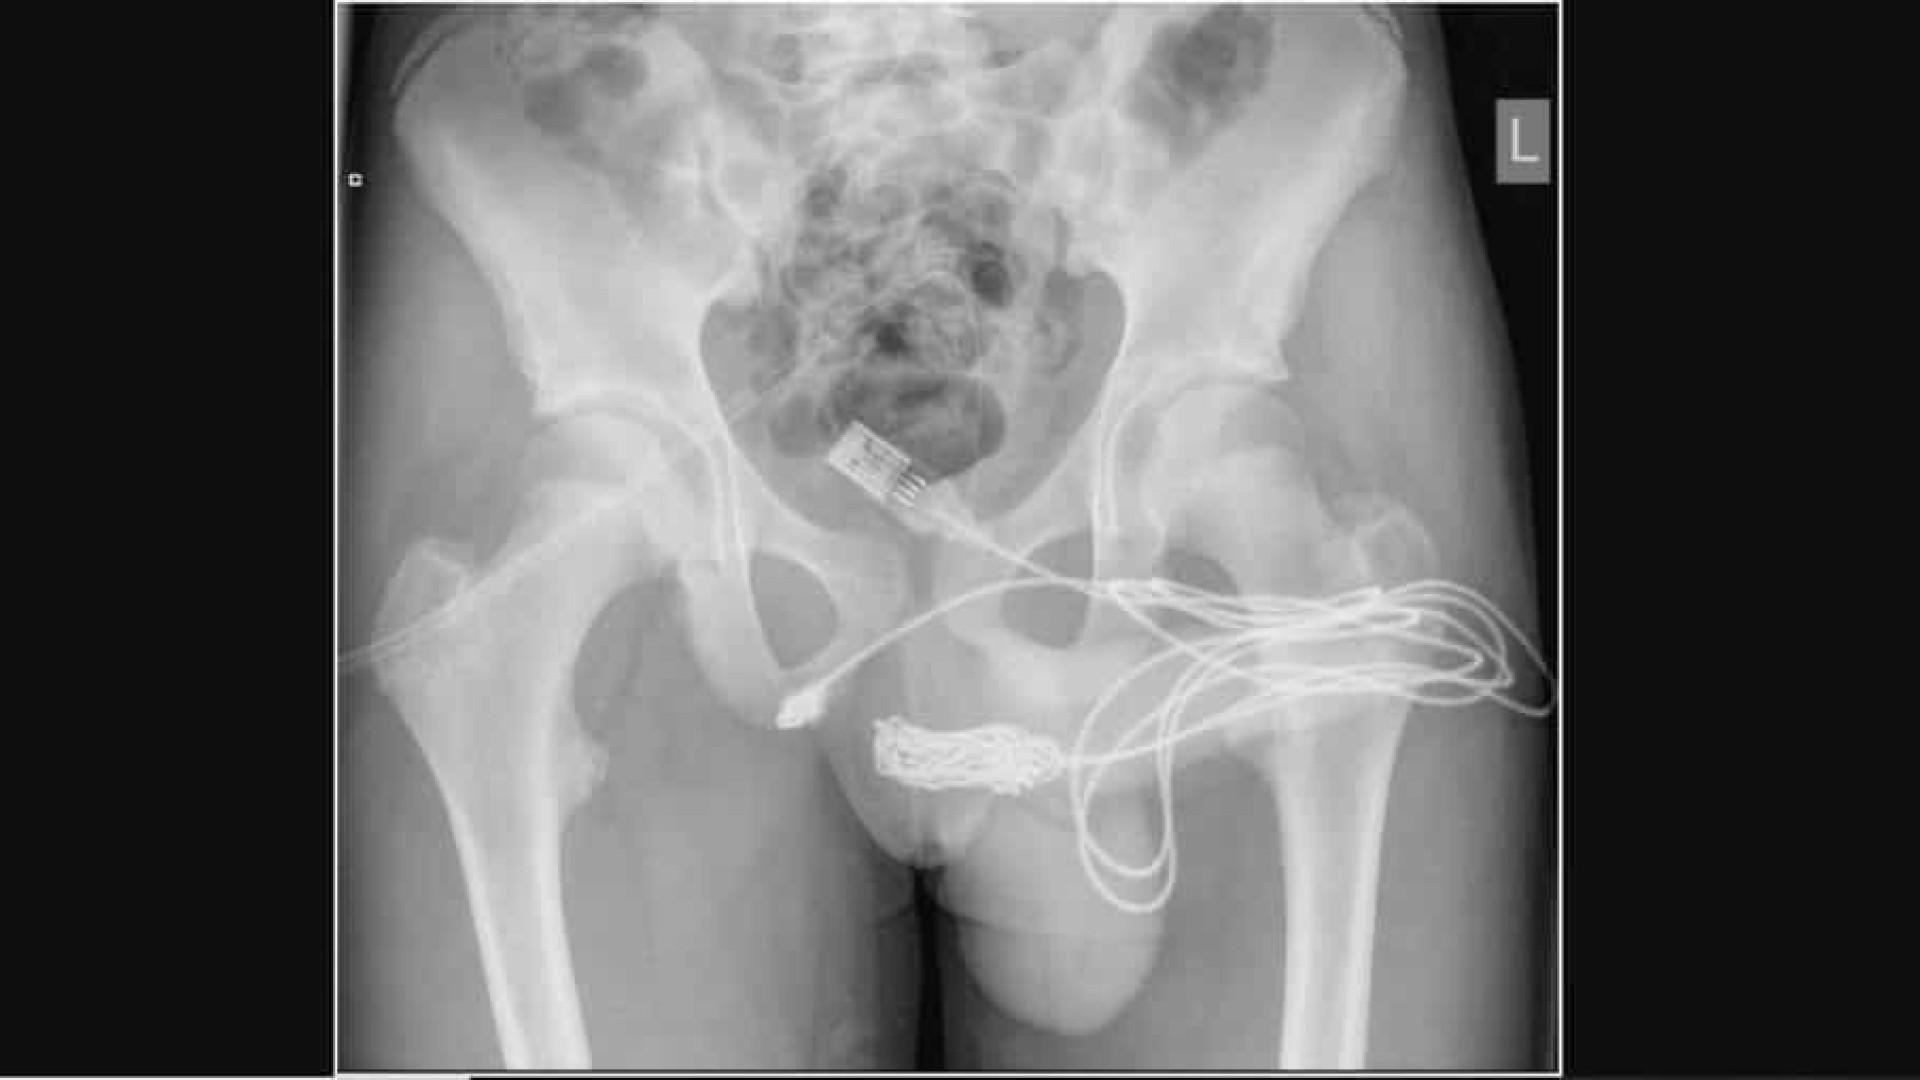 Jovem de 15 anos passa por cirurgia após tentar medir pênis com cabo USB